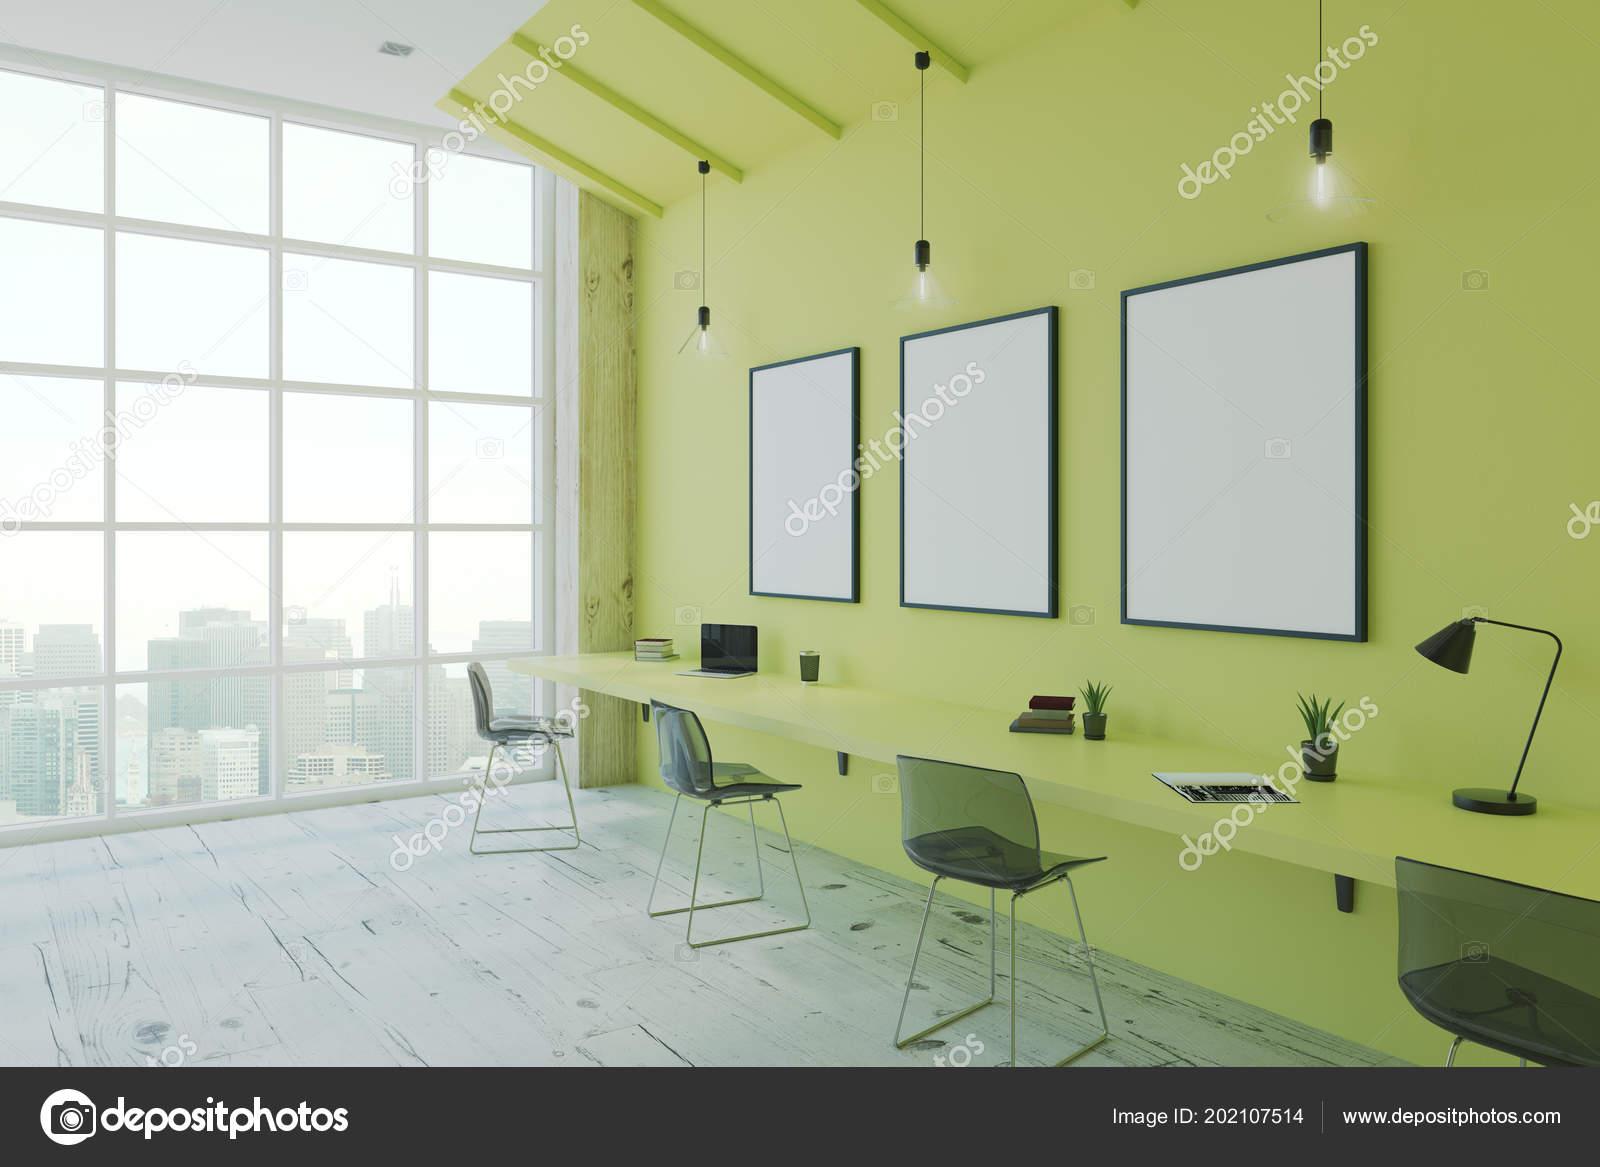 Cadres vierges dans bureau style eco moderne avec vue sur